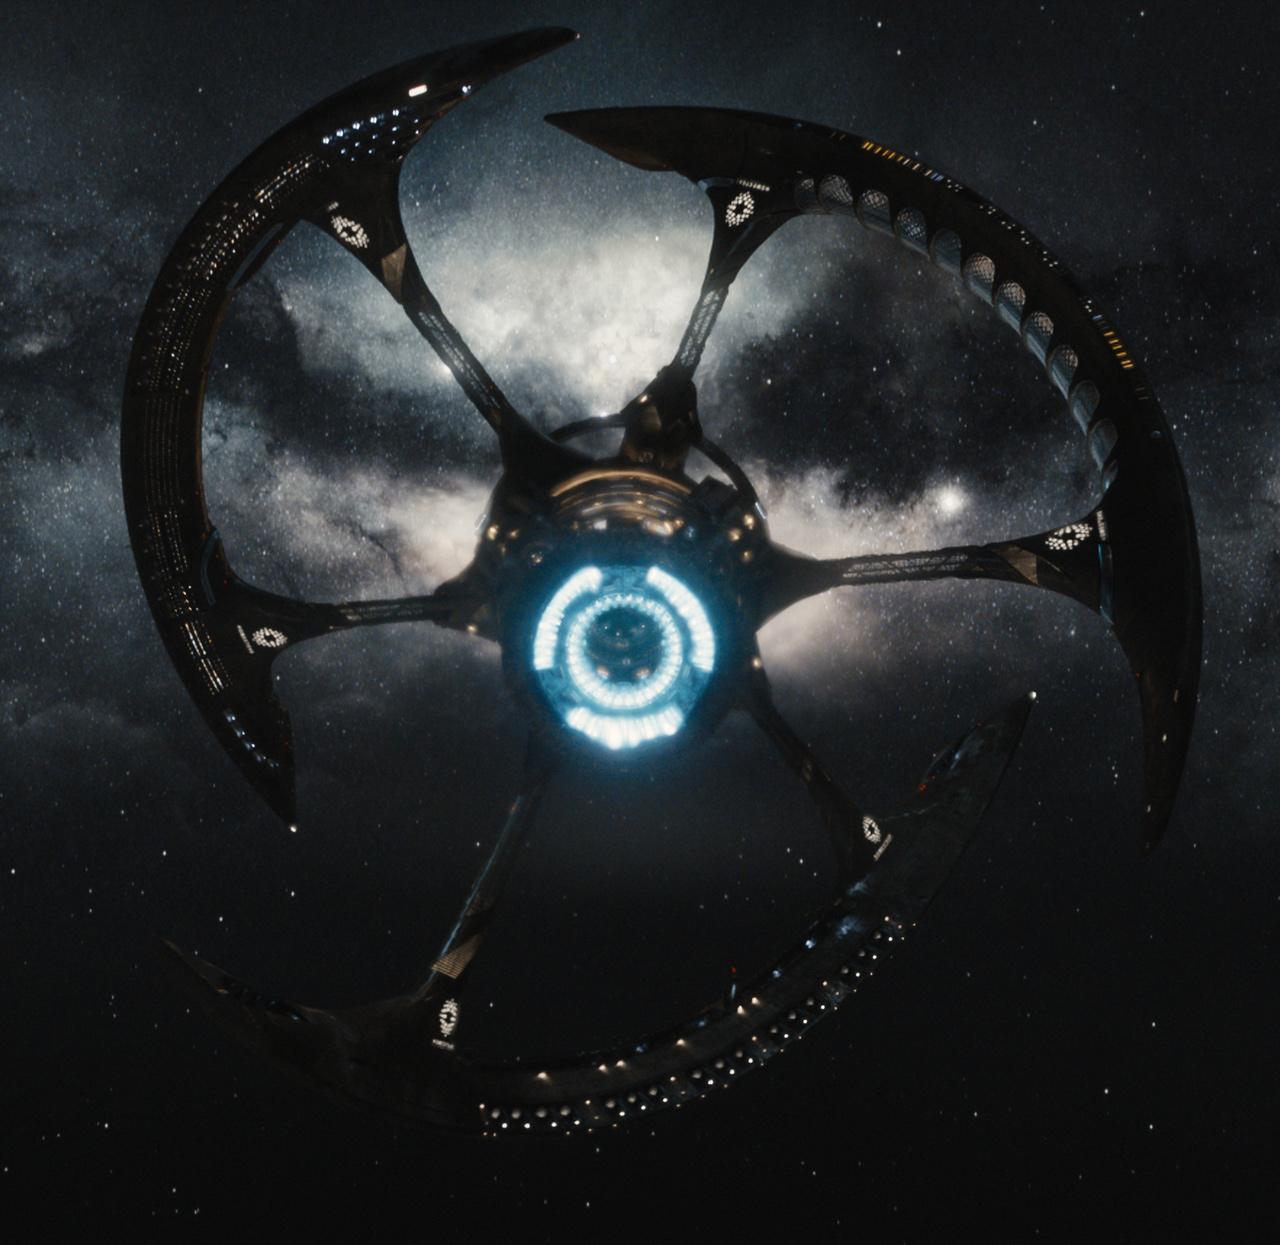 gp_passengers-starshipavalon.jpg